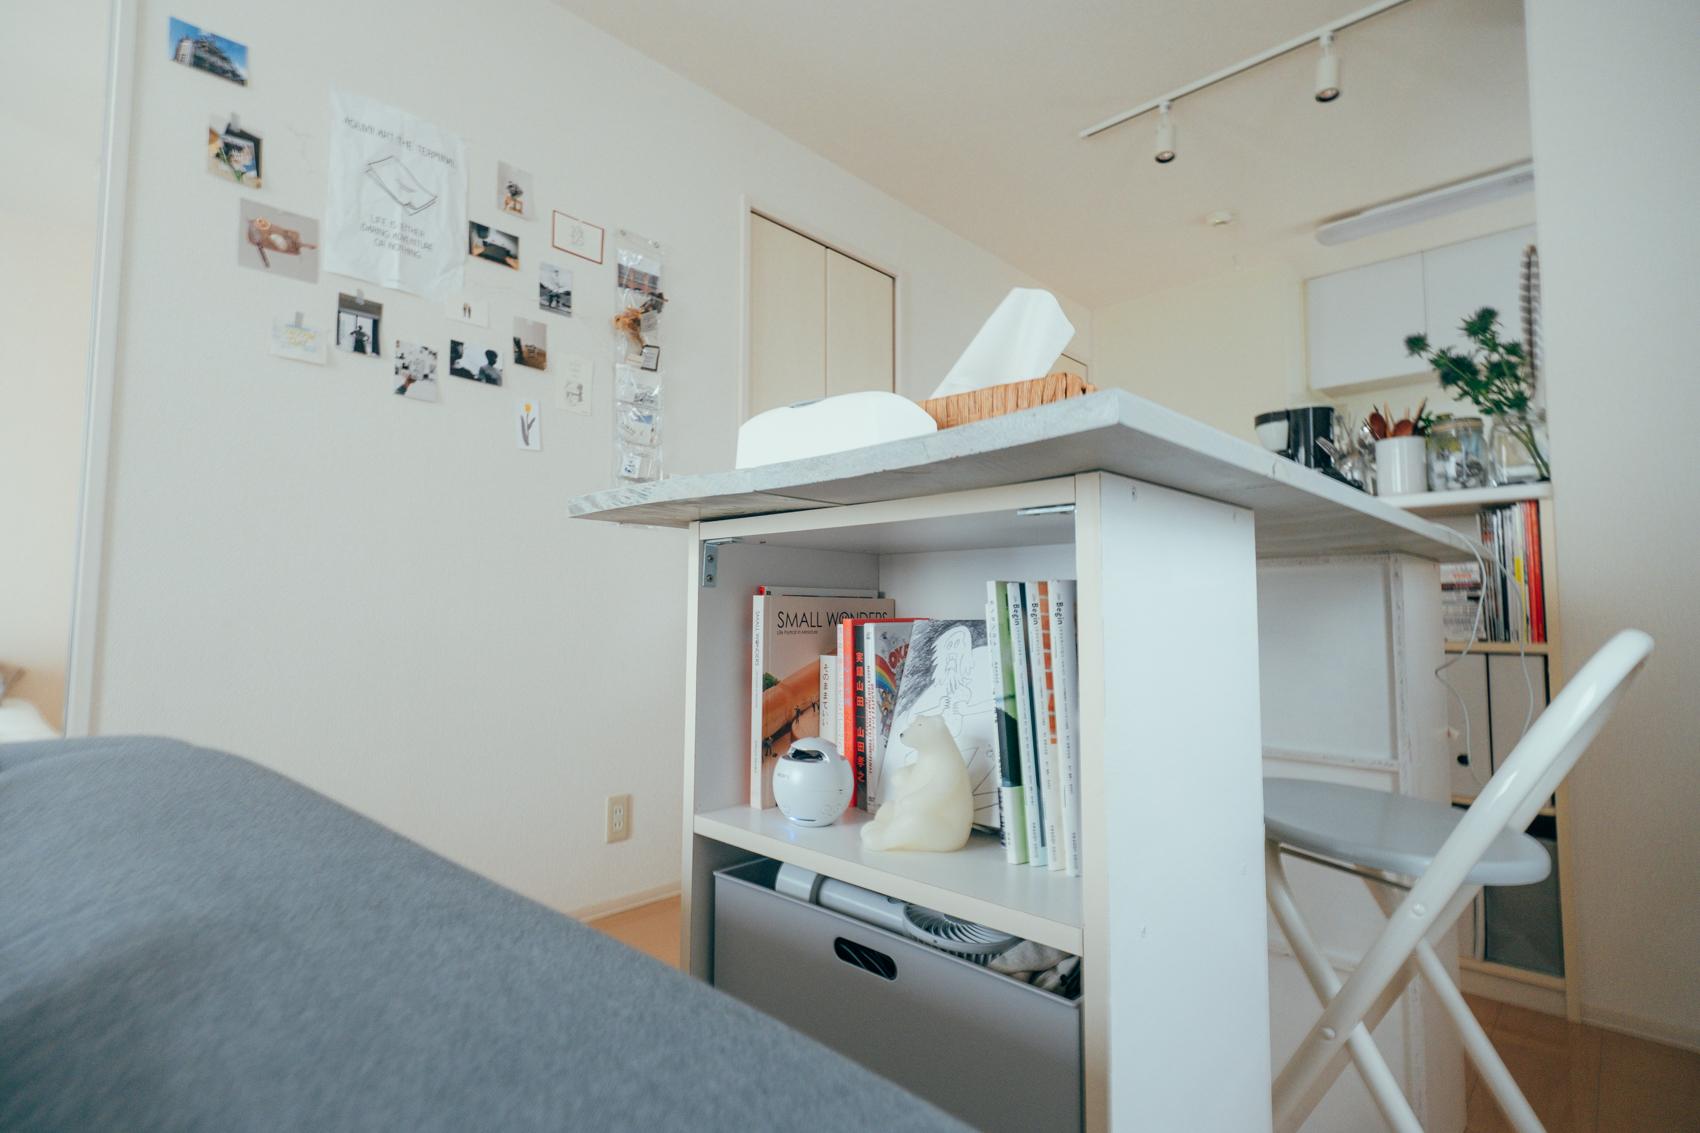 一人暮らしのころに使っていたカラーボックスを使って、ダイニングテーブルを作ってしまった事例。本や日常使う細々としたアイテムも収納できて、一石二鳥です。